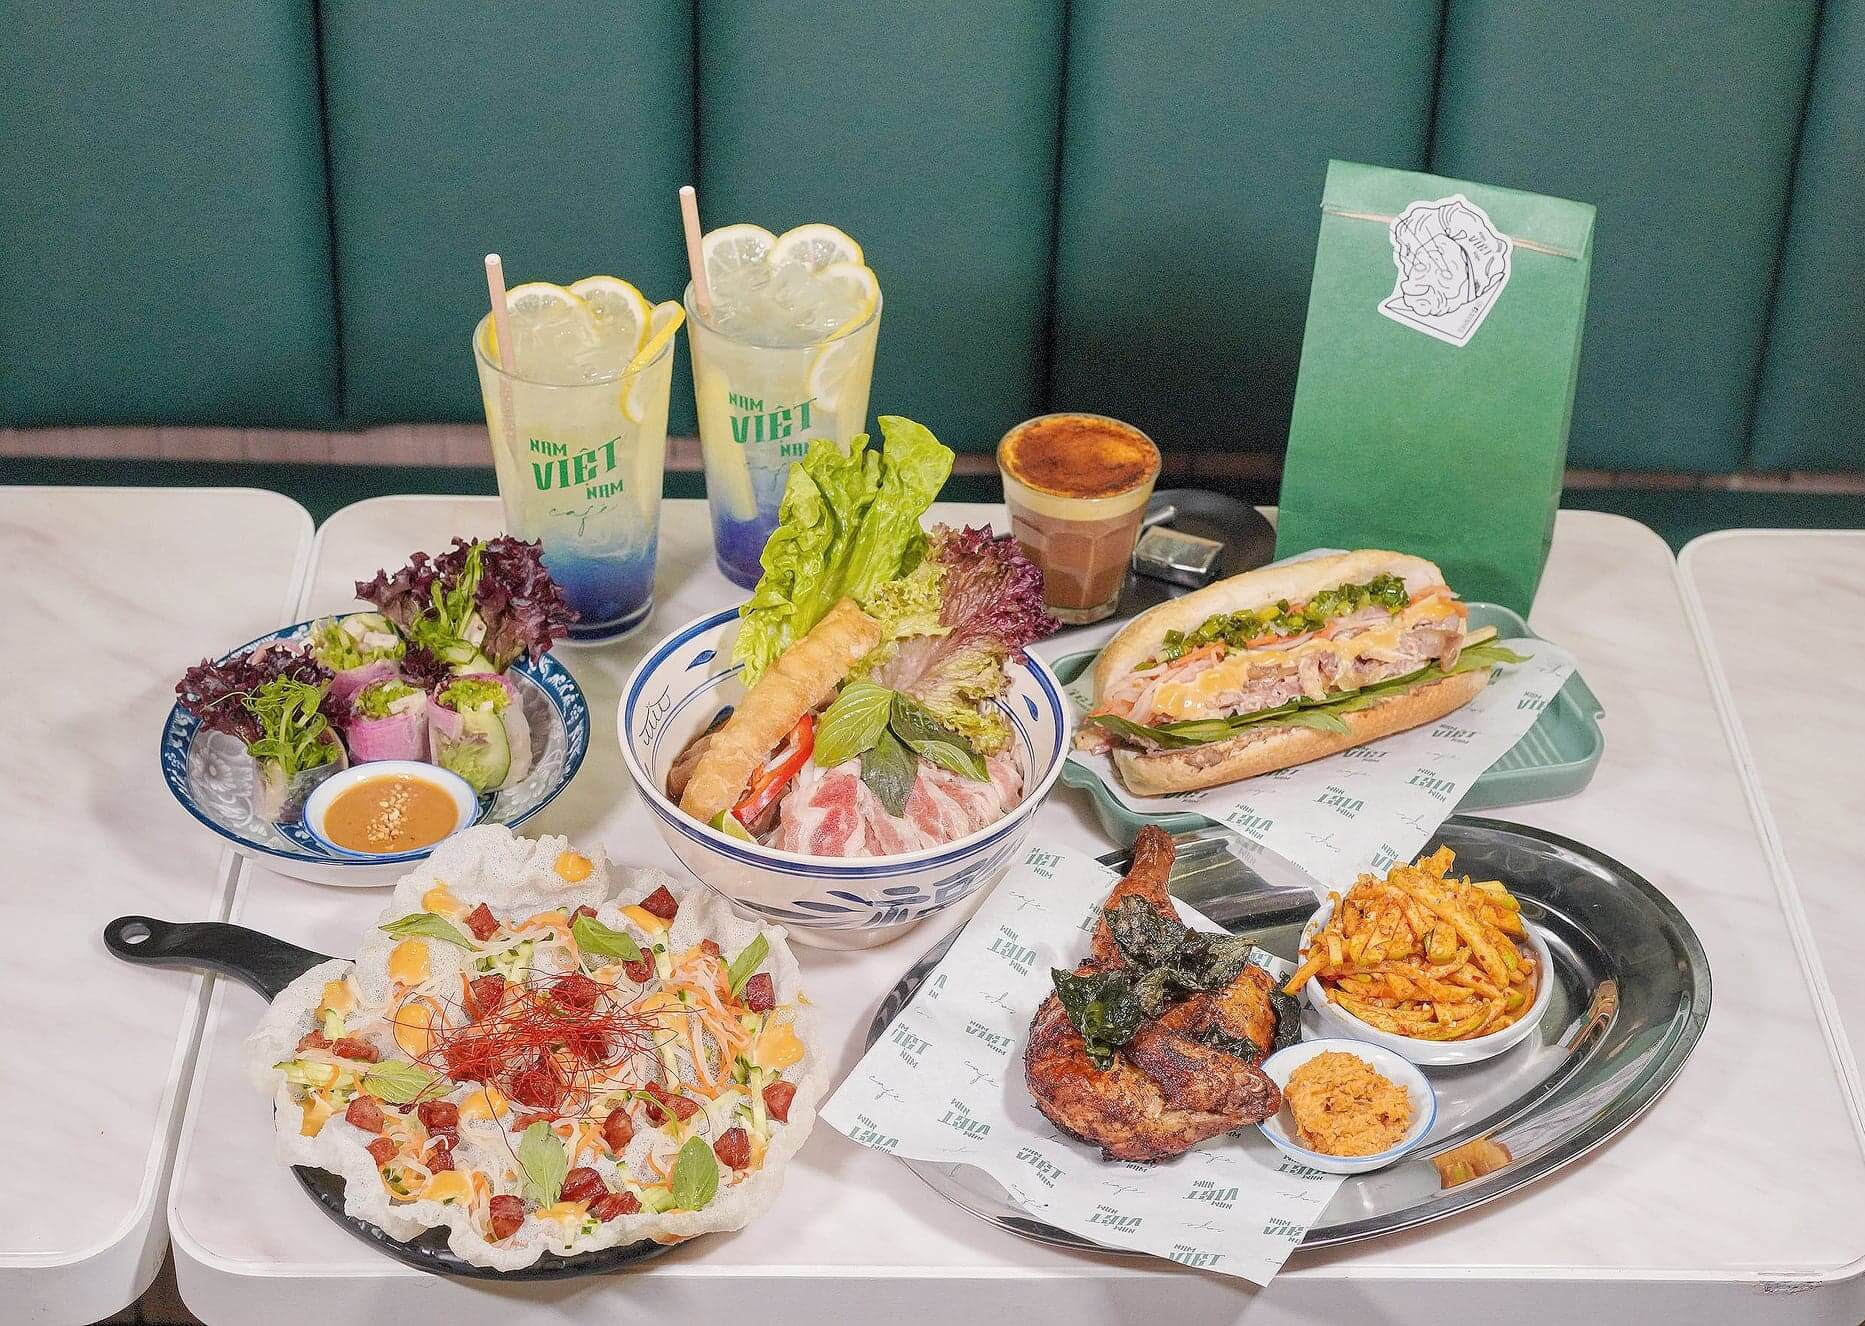 由「越南粉教父」Chef Justin主理嘅Nam Viet Nam Cafe,主打一系列新派南越菜!